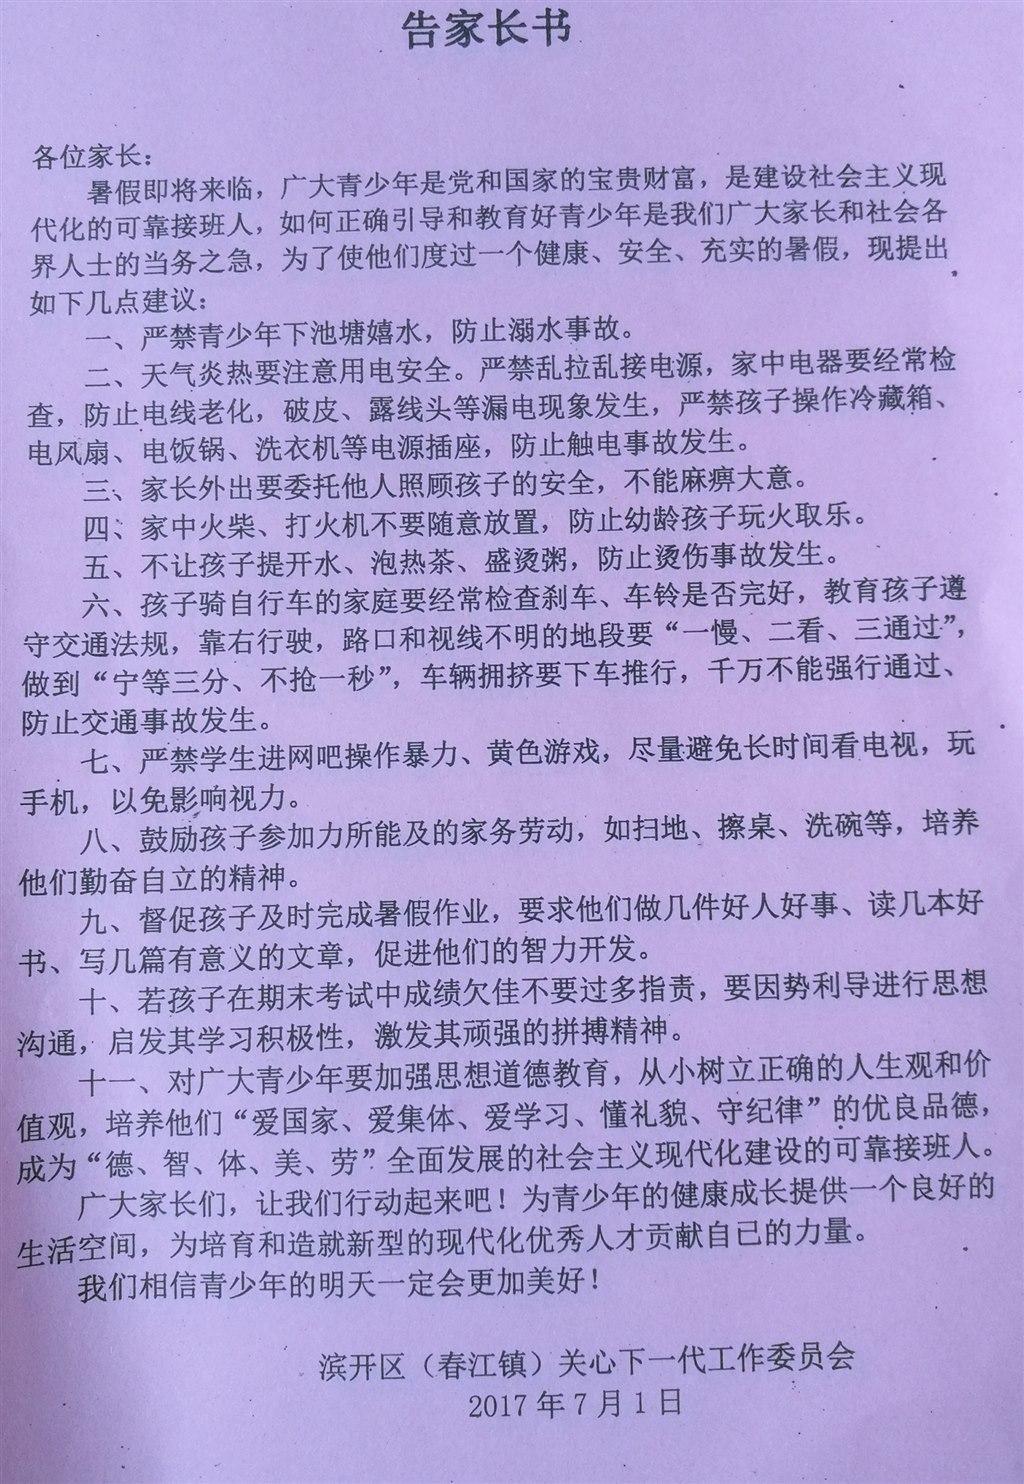 告家长书(春江镇关工委).jpg